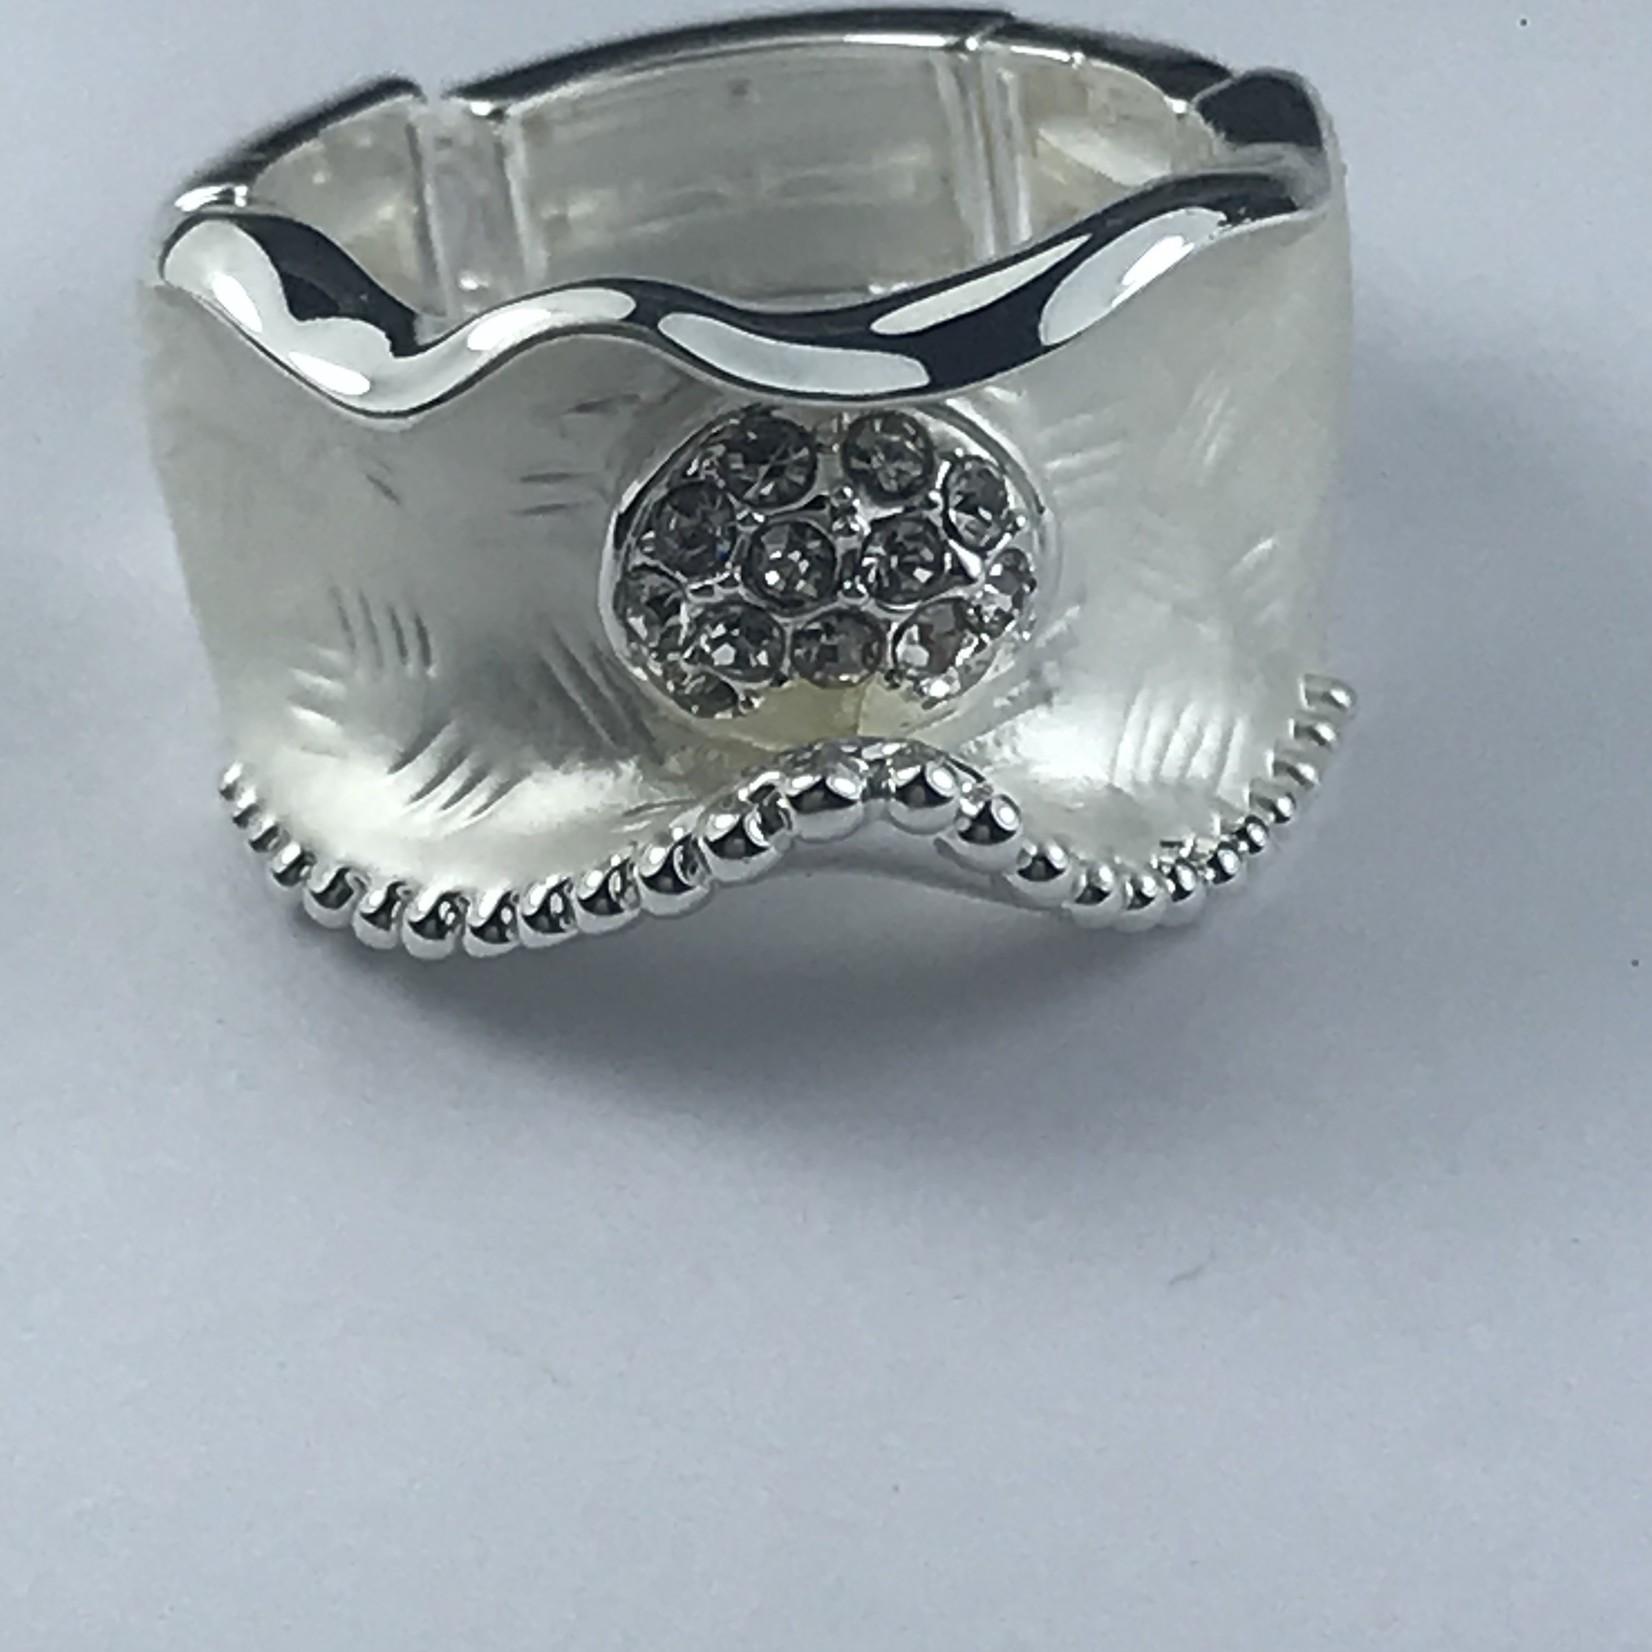 Axxes-Soir Ring elastisch zilverkleurig met steentjes